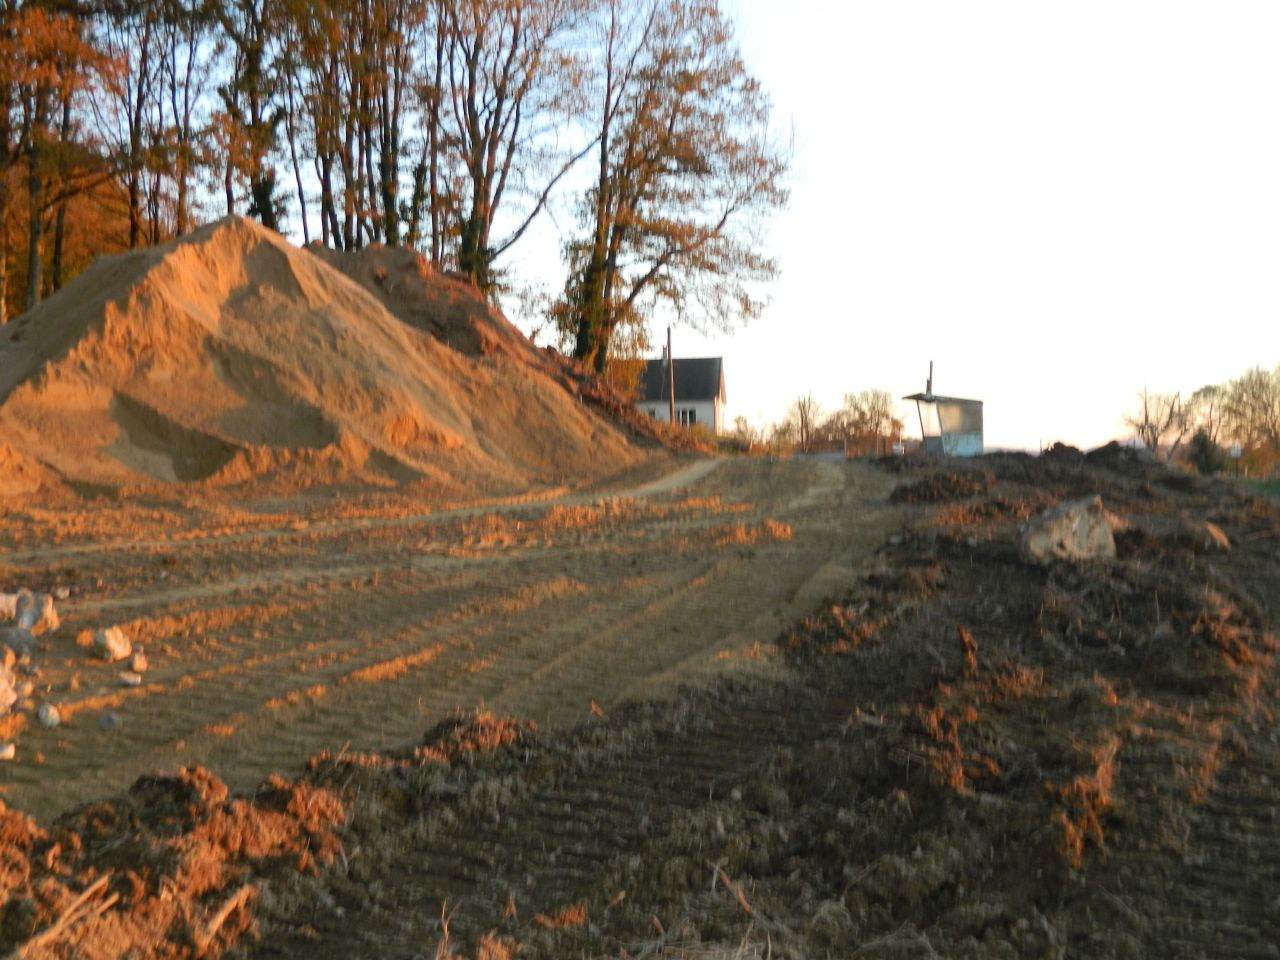 Le chemin d?accès vu du bas du terrain, au niveau de la zone de retournement qui sera prévue